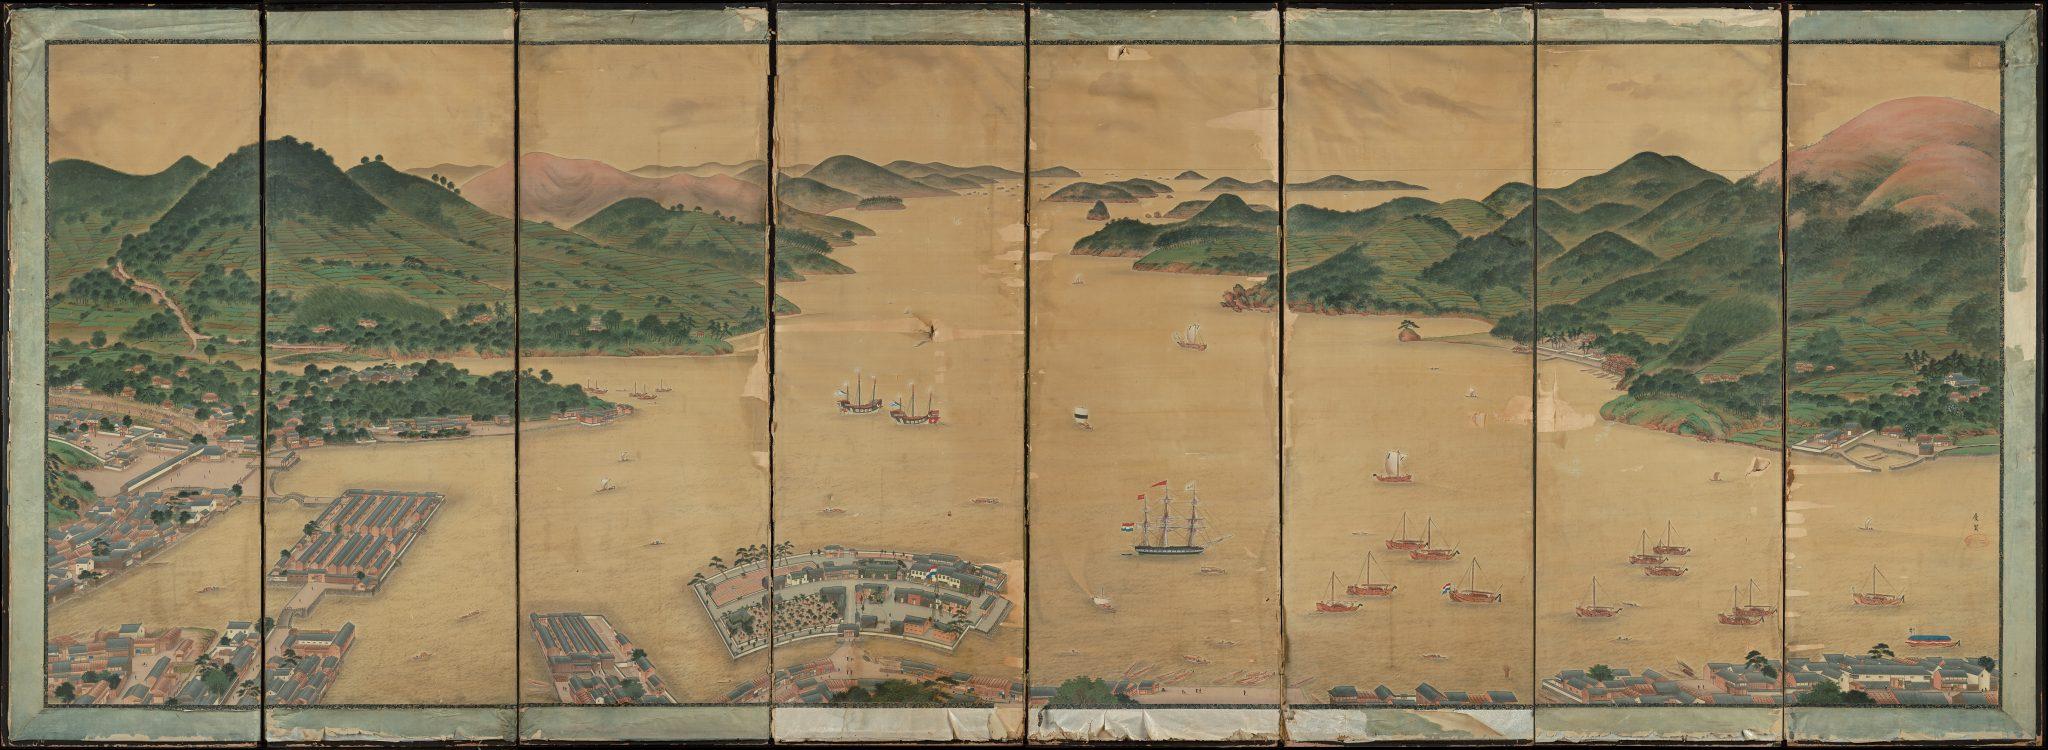 Kawahara Keiga 'View of Deshima in Nagasaki Bay'